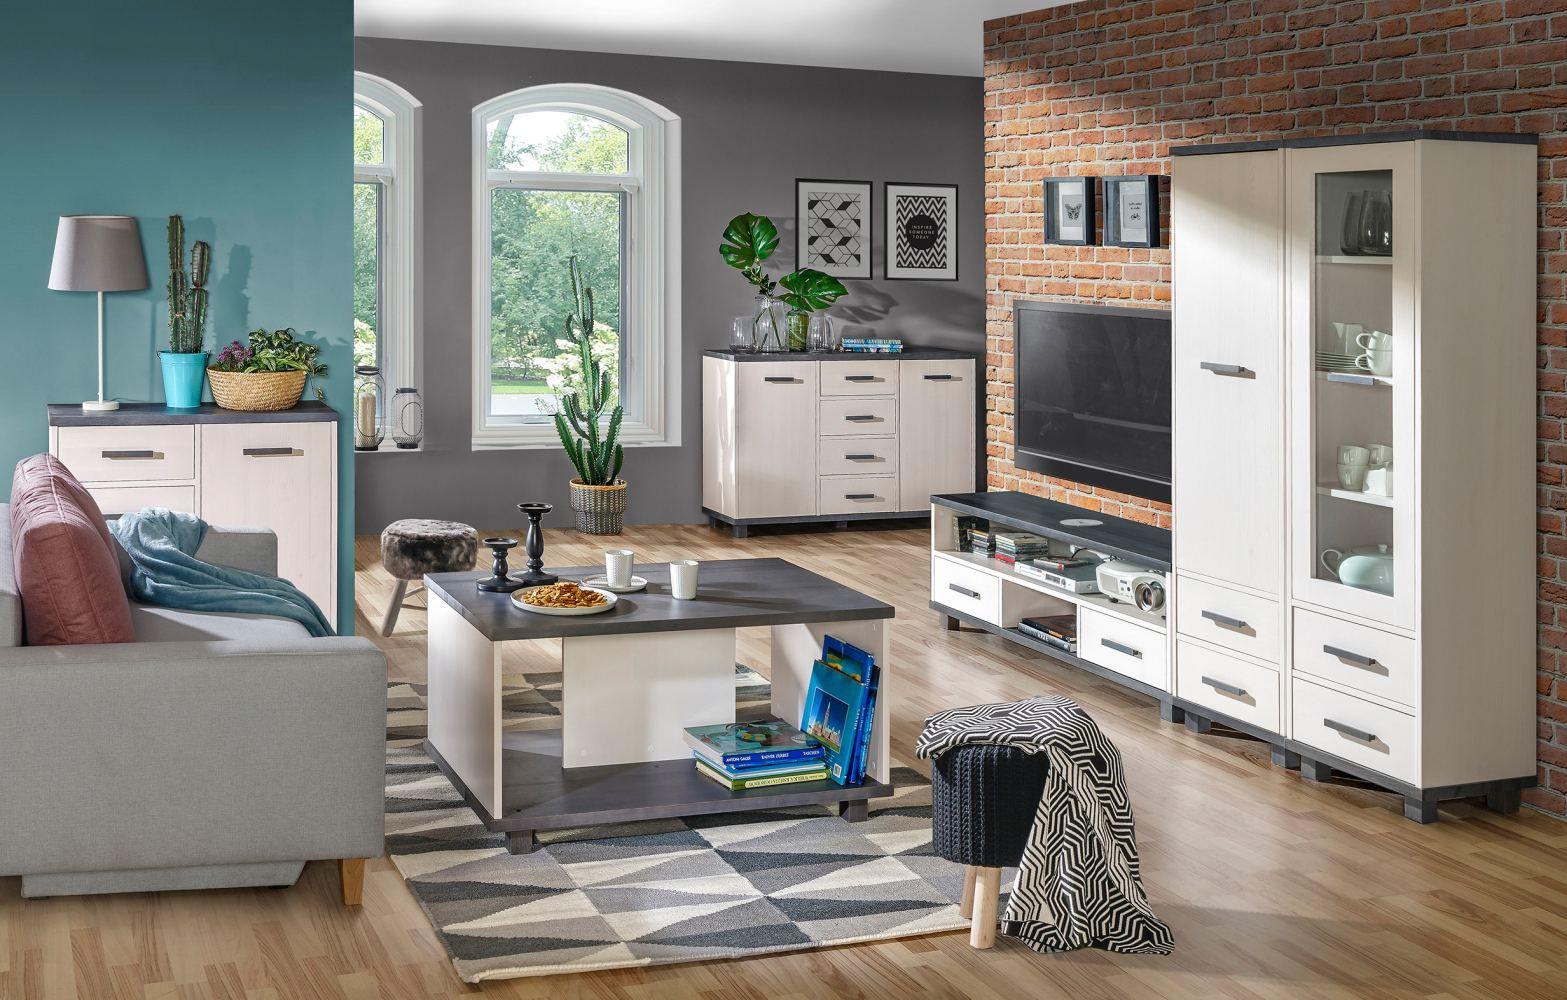 Jugendzimmer Komplett - Set B Hermann, 6-teilig, Farbe: Weiß gebleicht / Grau, teilmassiv